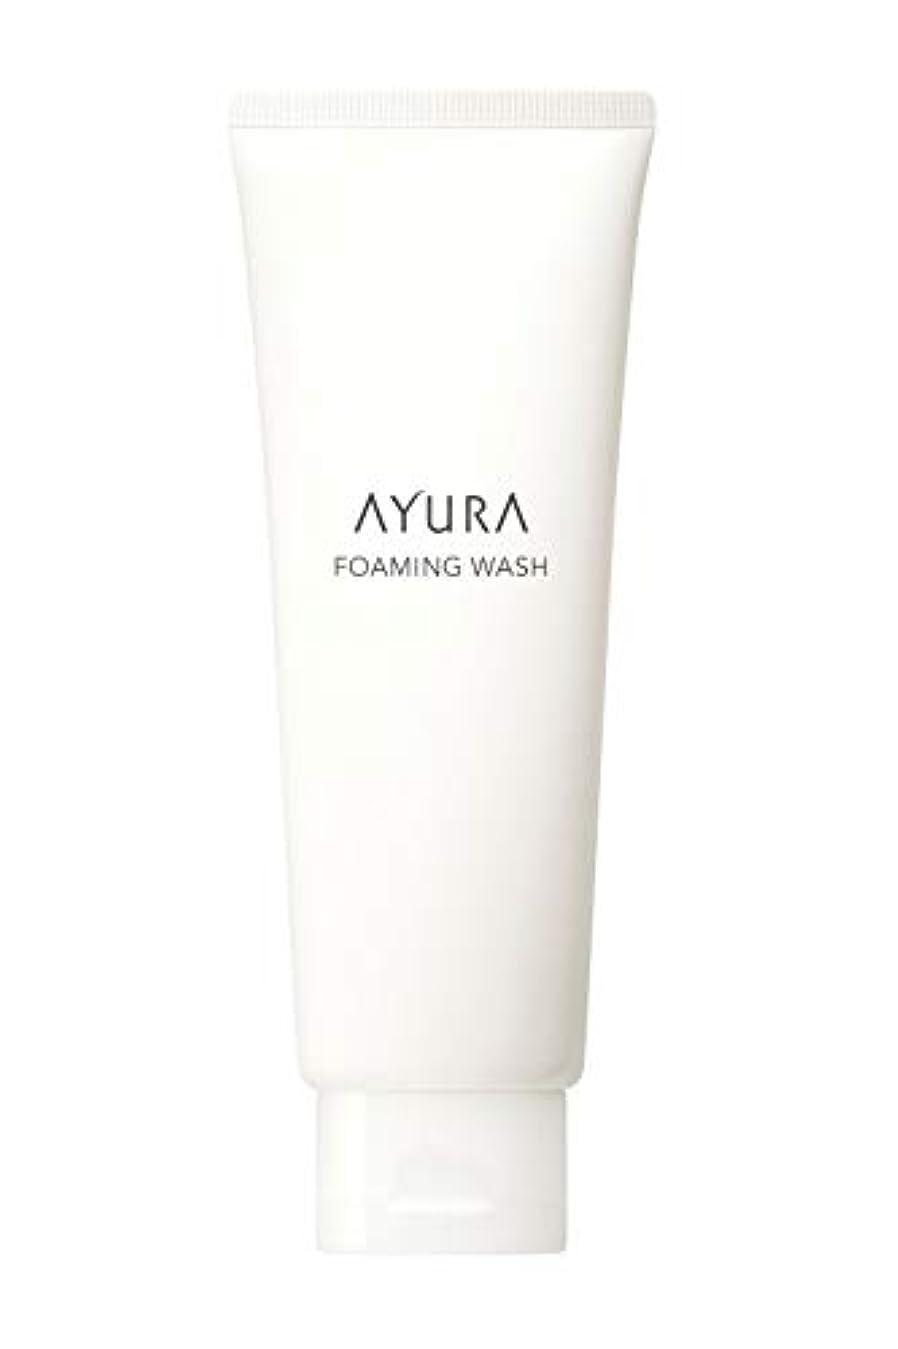 代数的光景上院議員アユーラ (AYURA) フォーミングウォッシュ 120g 〈 洗顔料 〉 肌をいたわりながら汚れを落とす つるんとやわらかな素肌へ 洗うたびにうるおいを与えるもっちり濃密泡の洗顔料